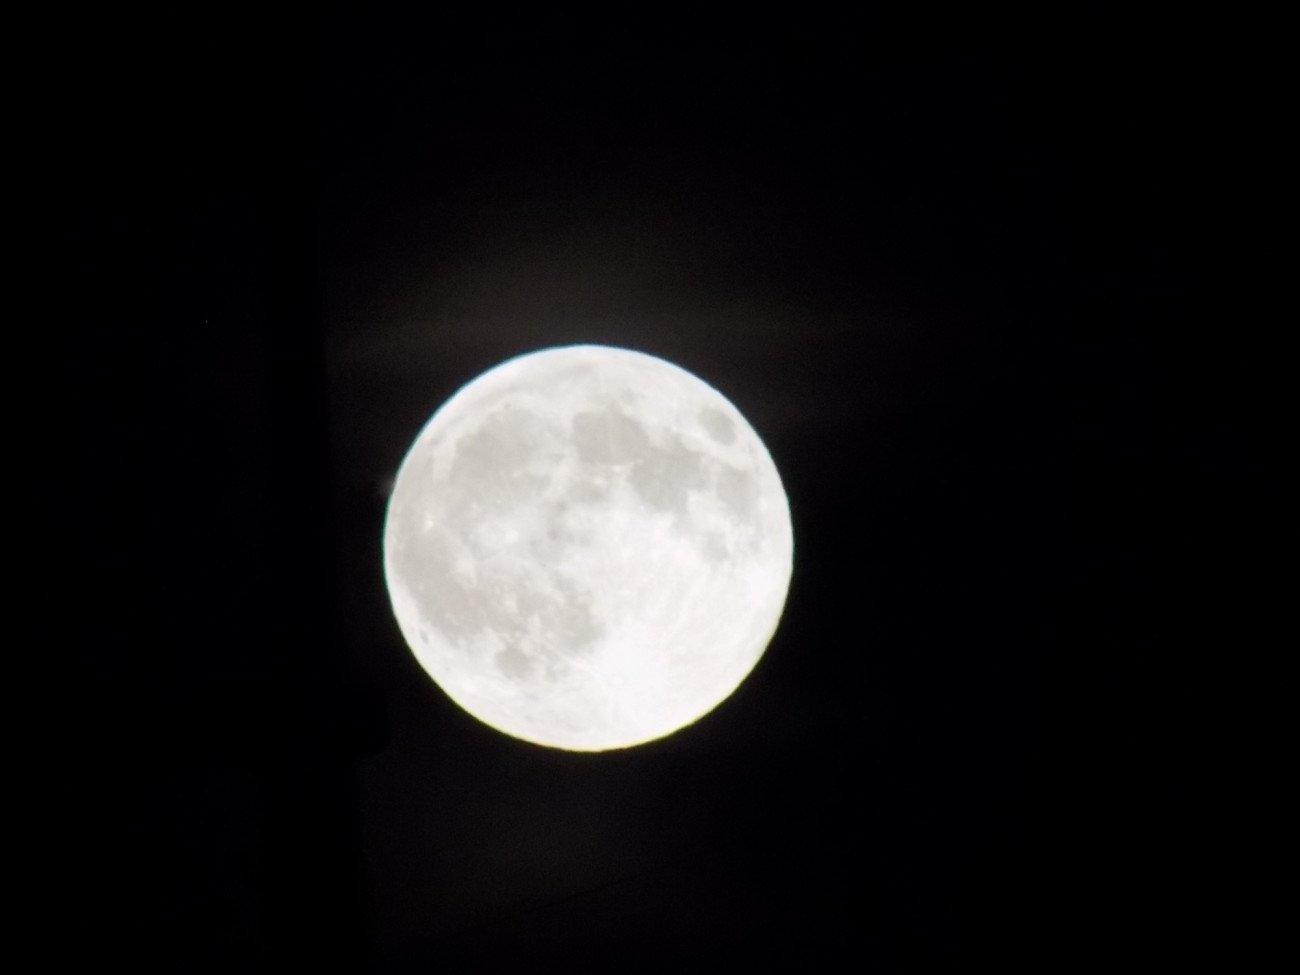 Dunkel war's der Mond schien helle